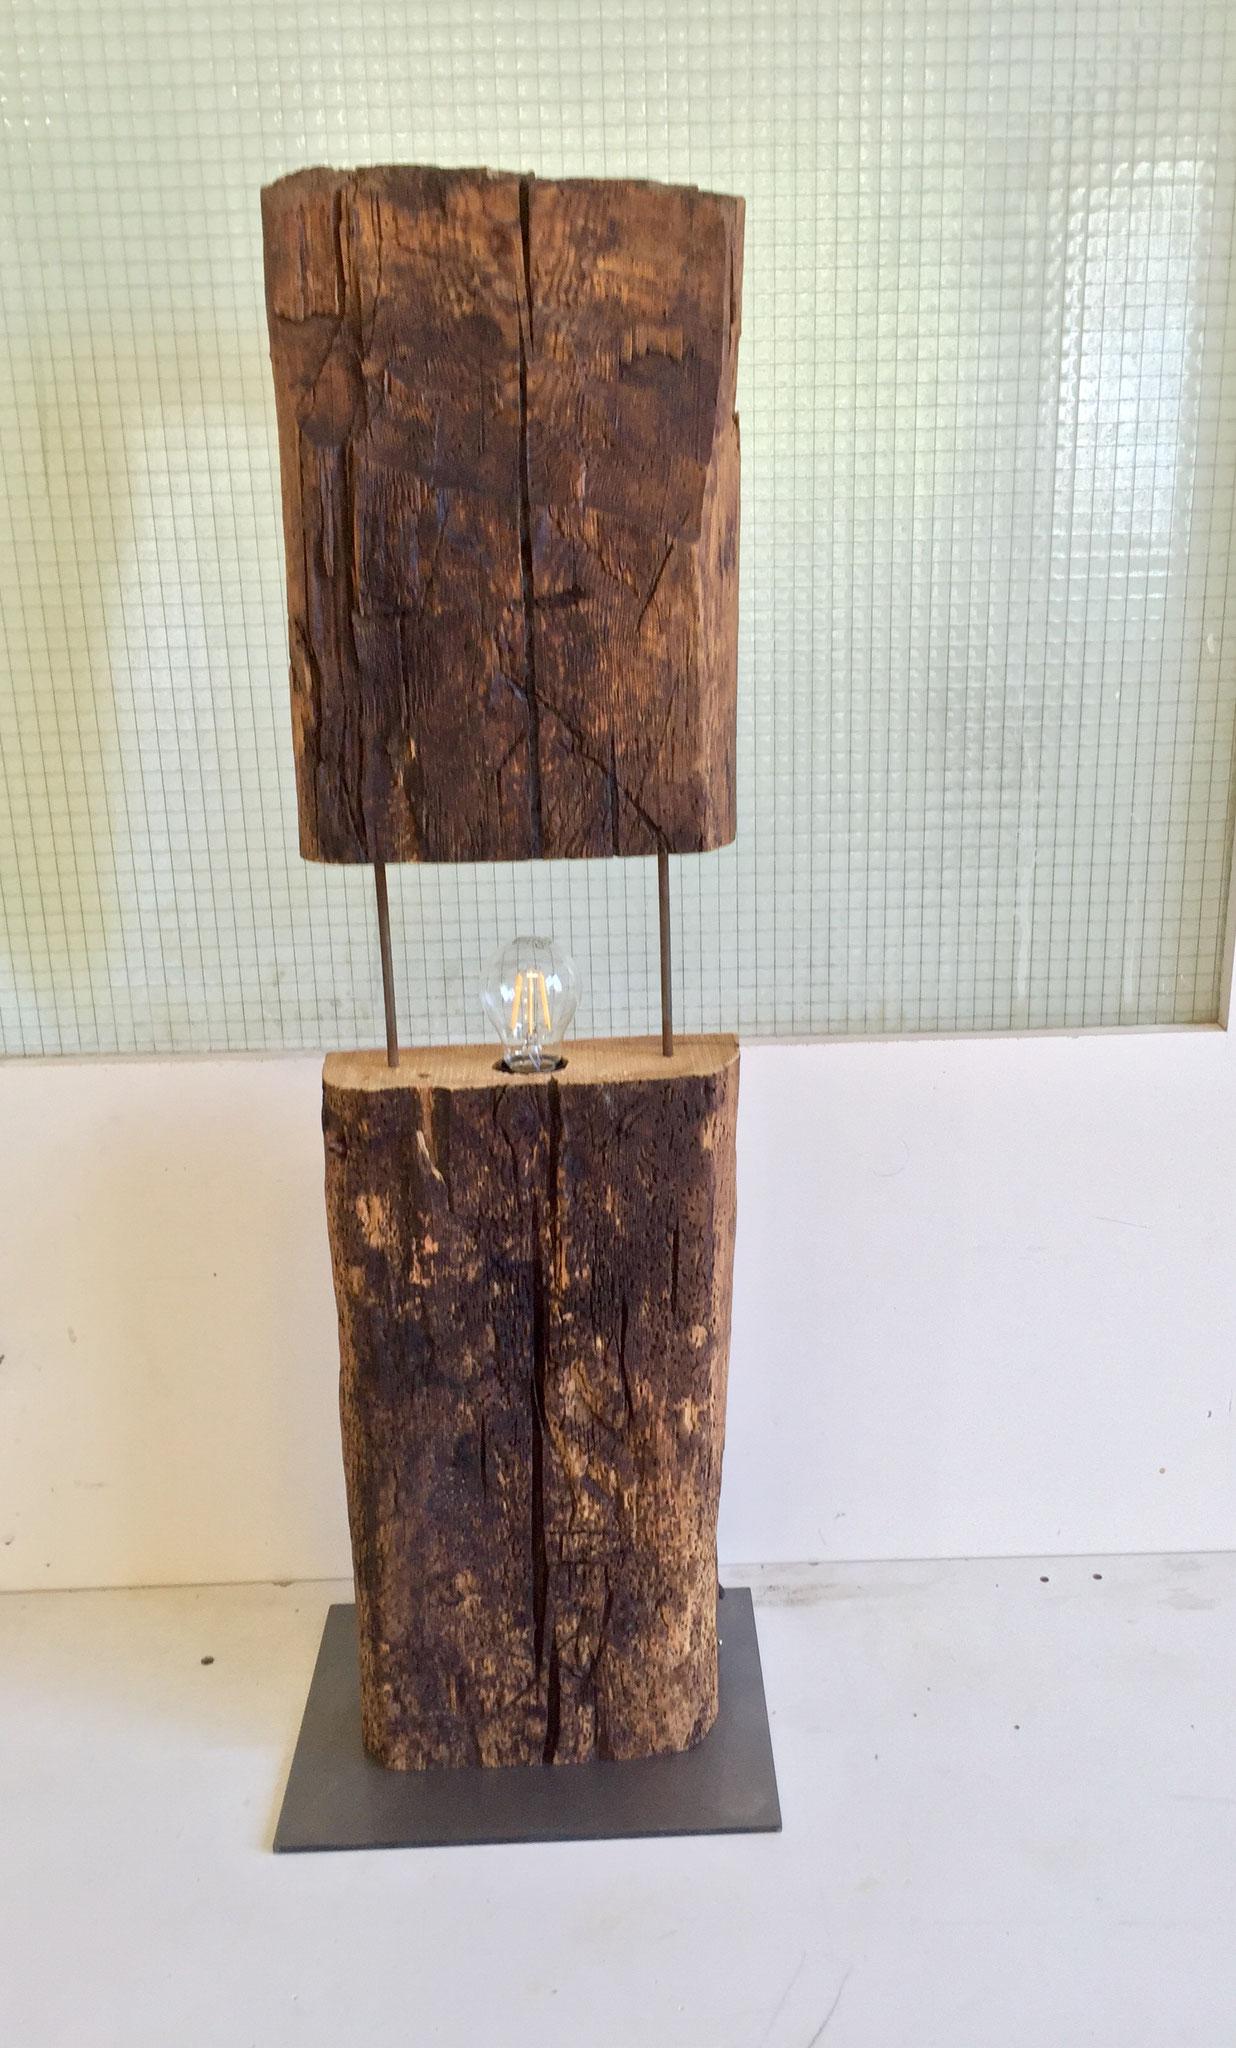 Lampe aus Altholz aus dem Eifischtal